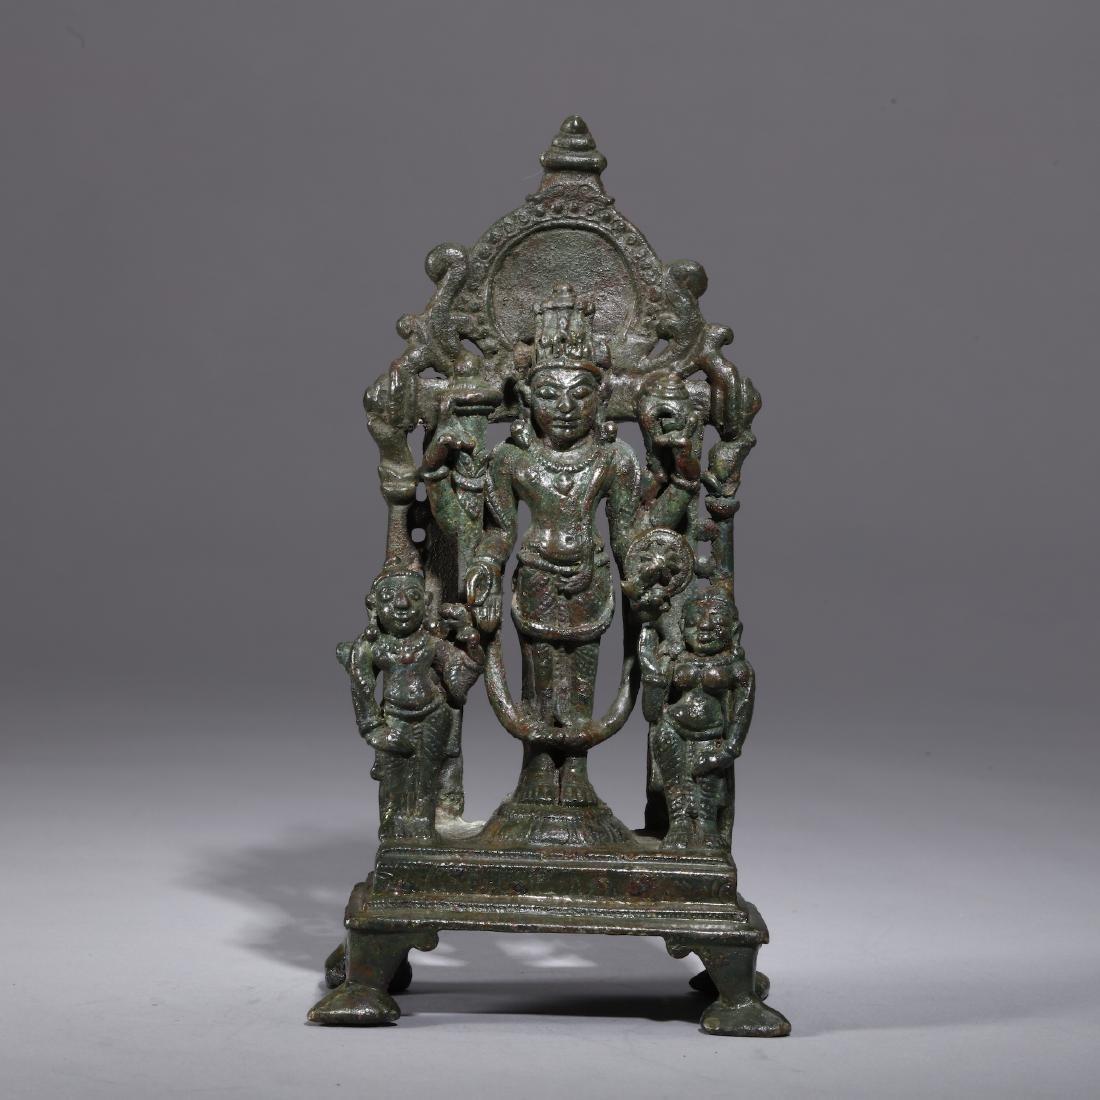 A Bronze Indian Figure of Vishnu